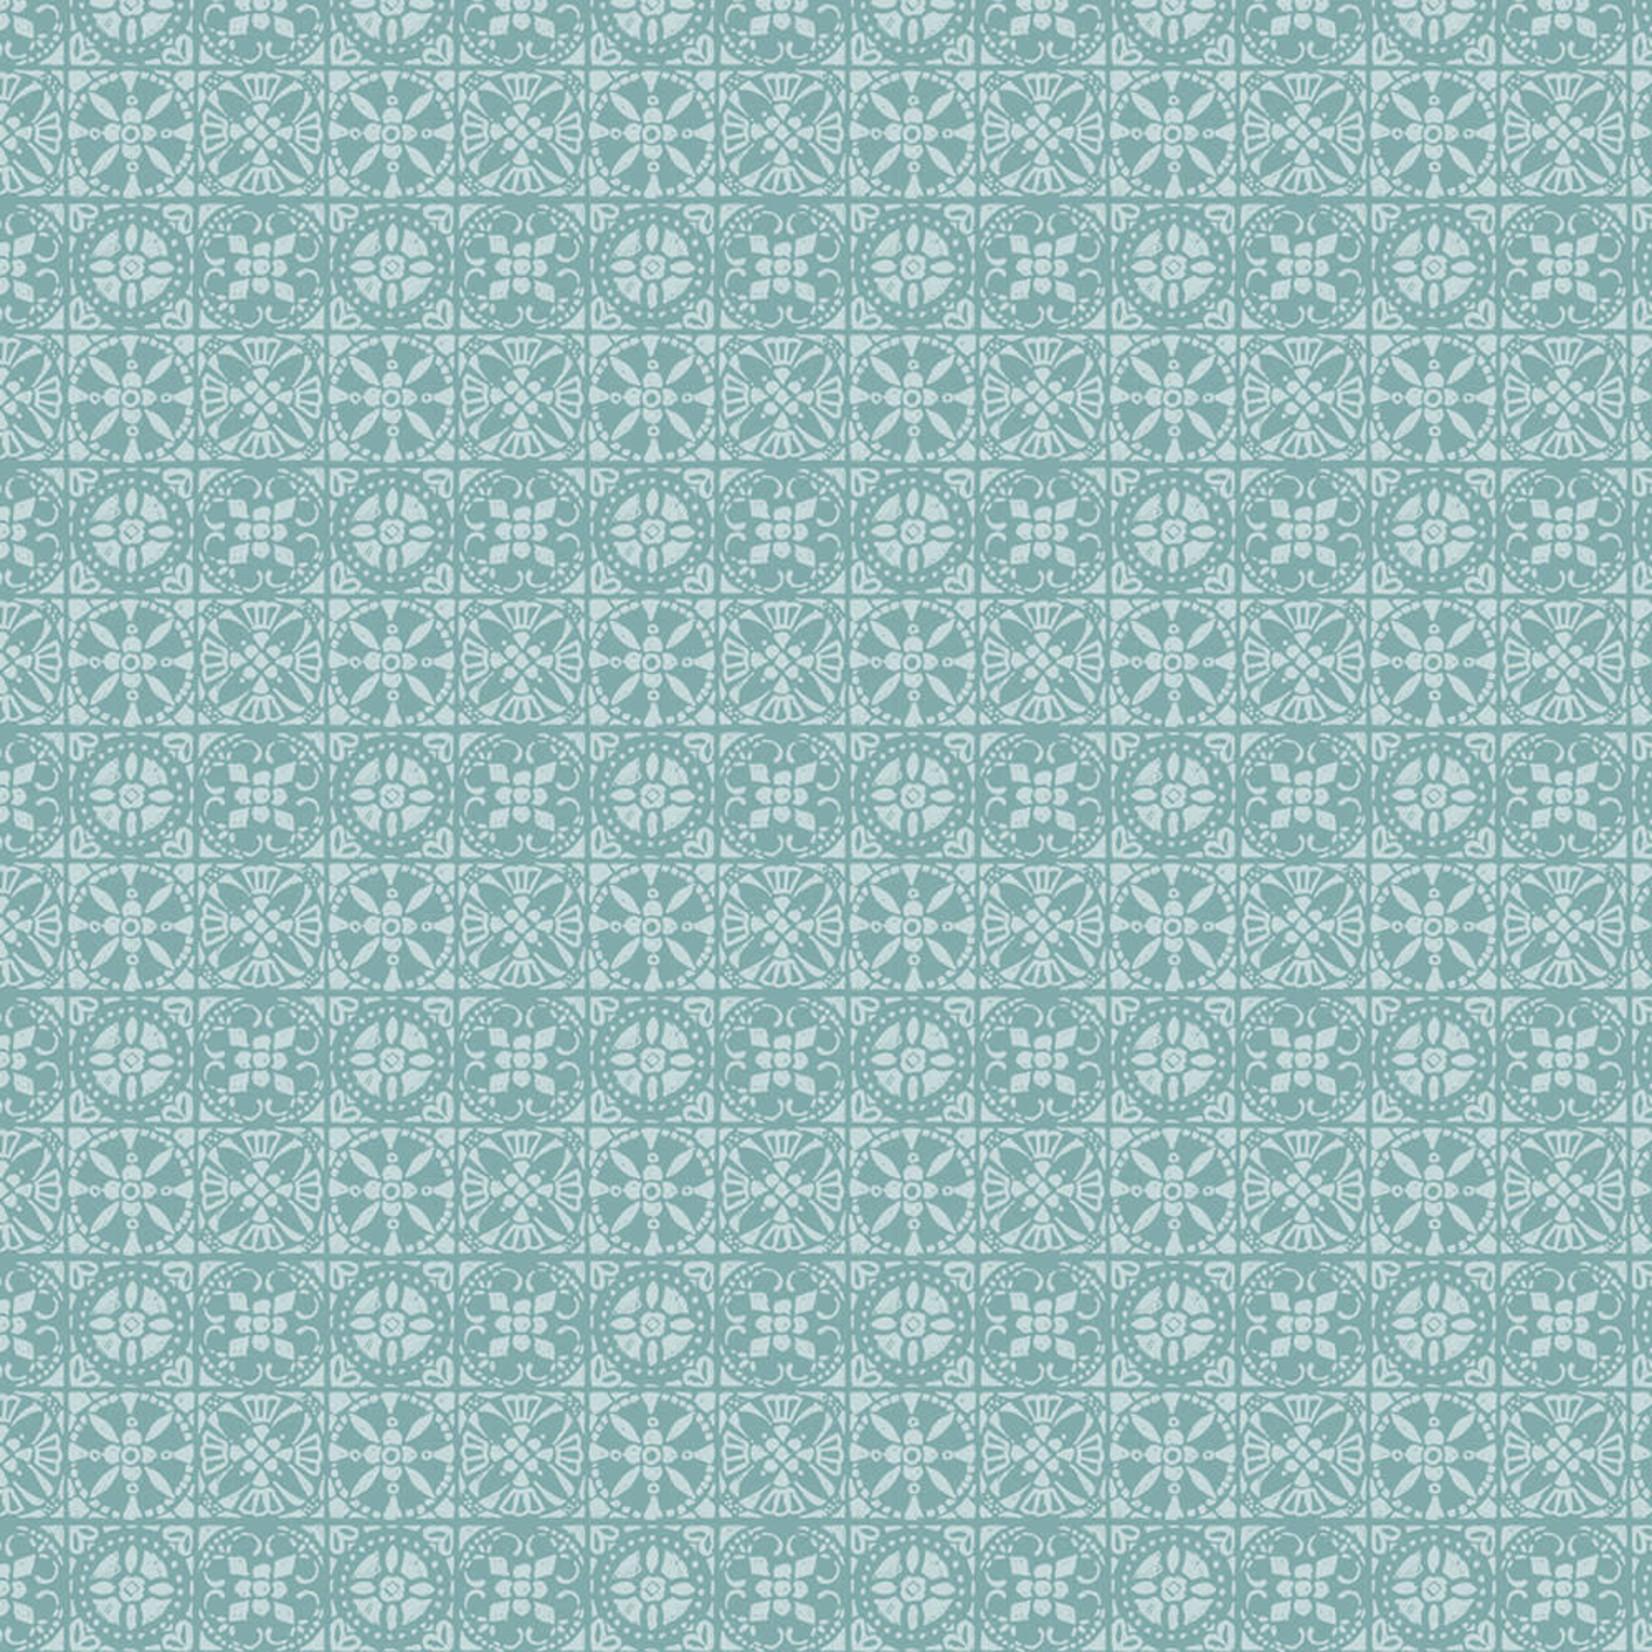 Camelot Fabrics Autumn Impressions - Tegels - Blauw/Groen